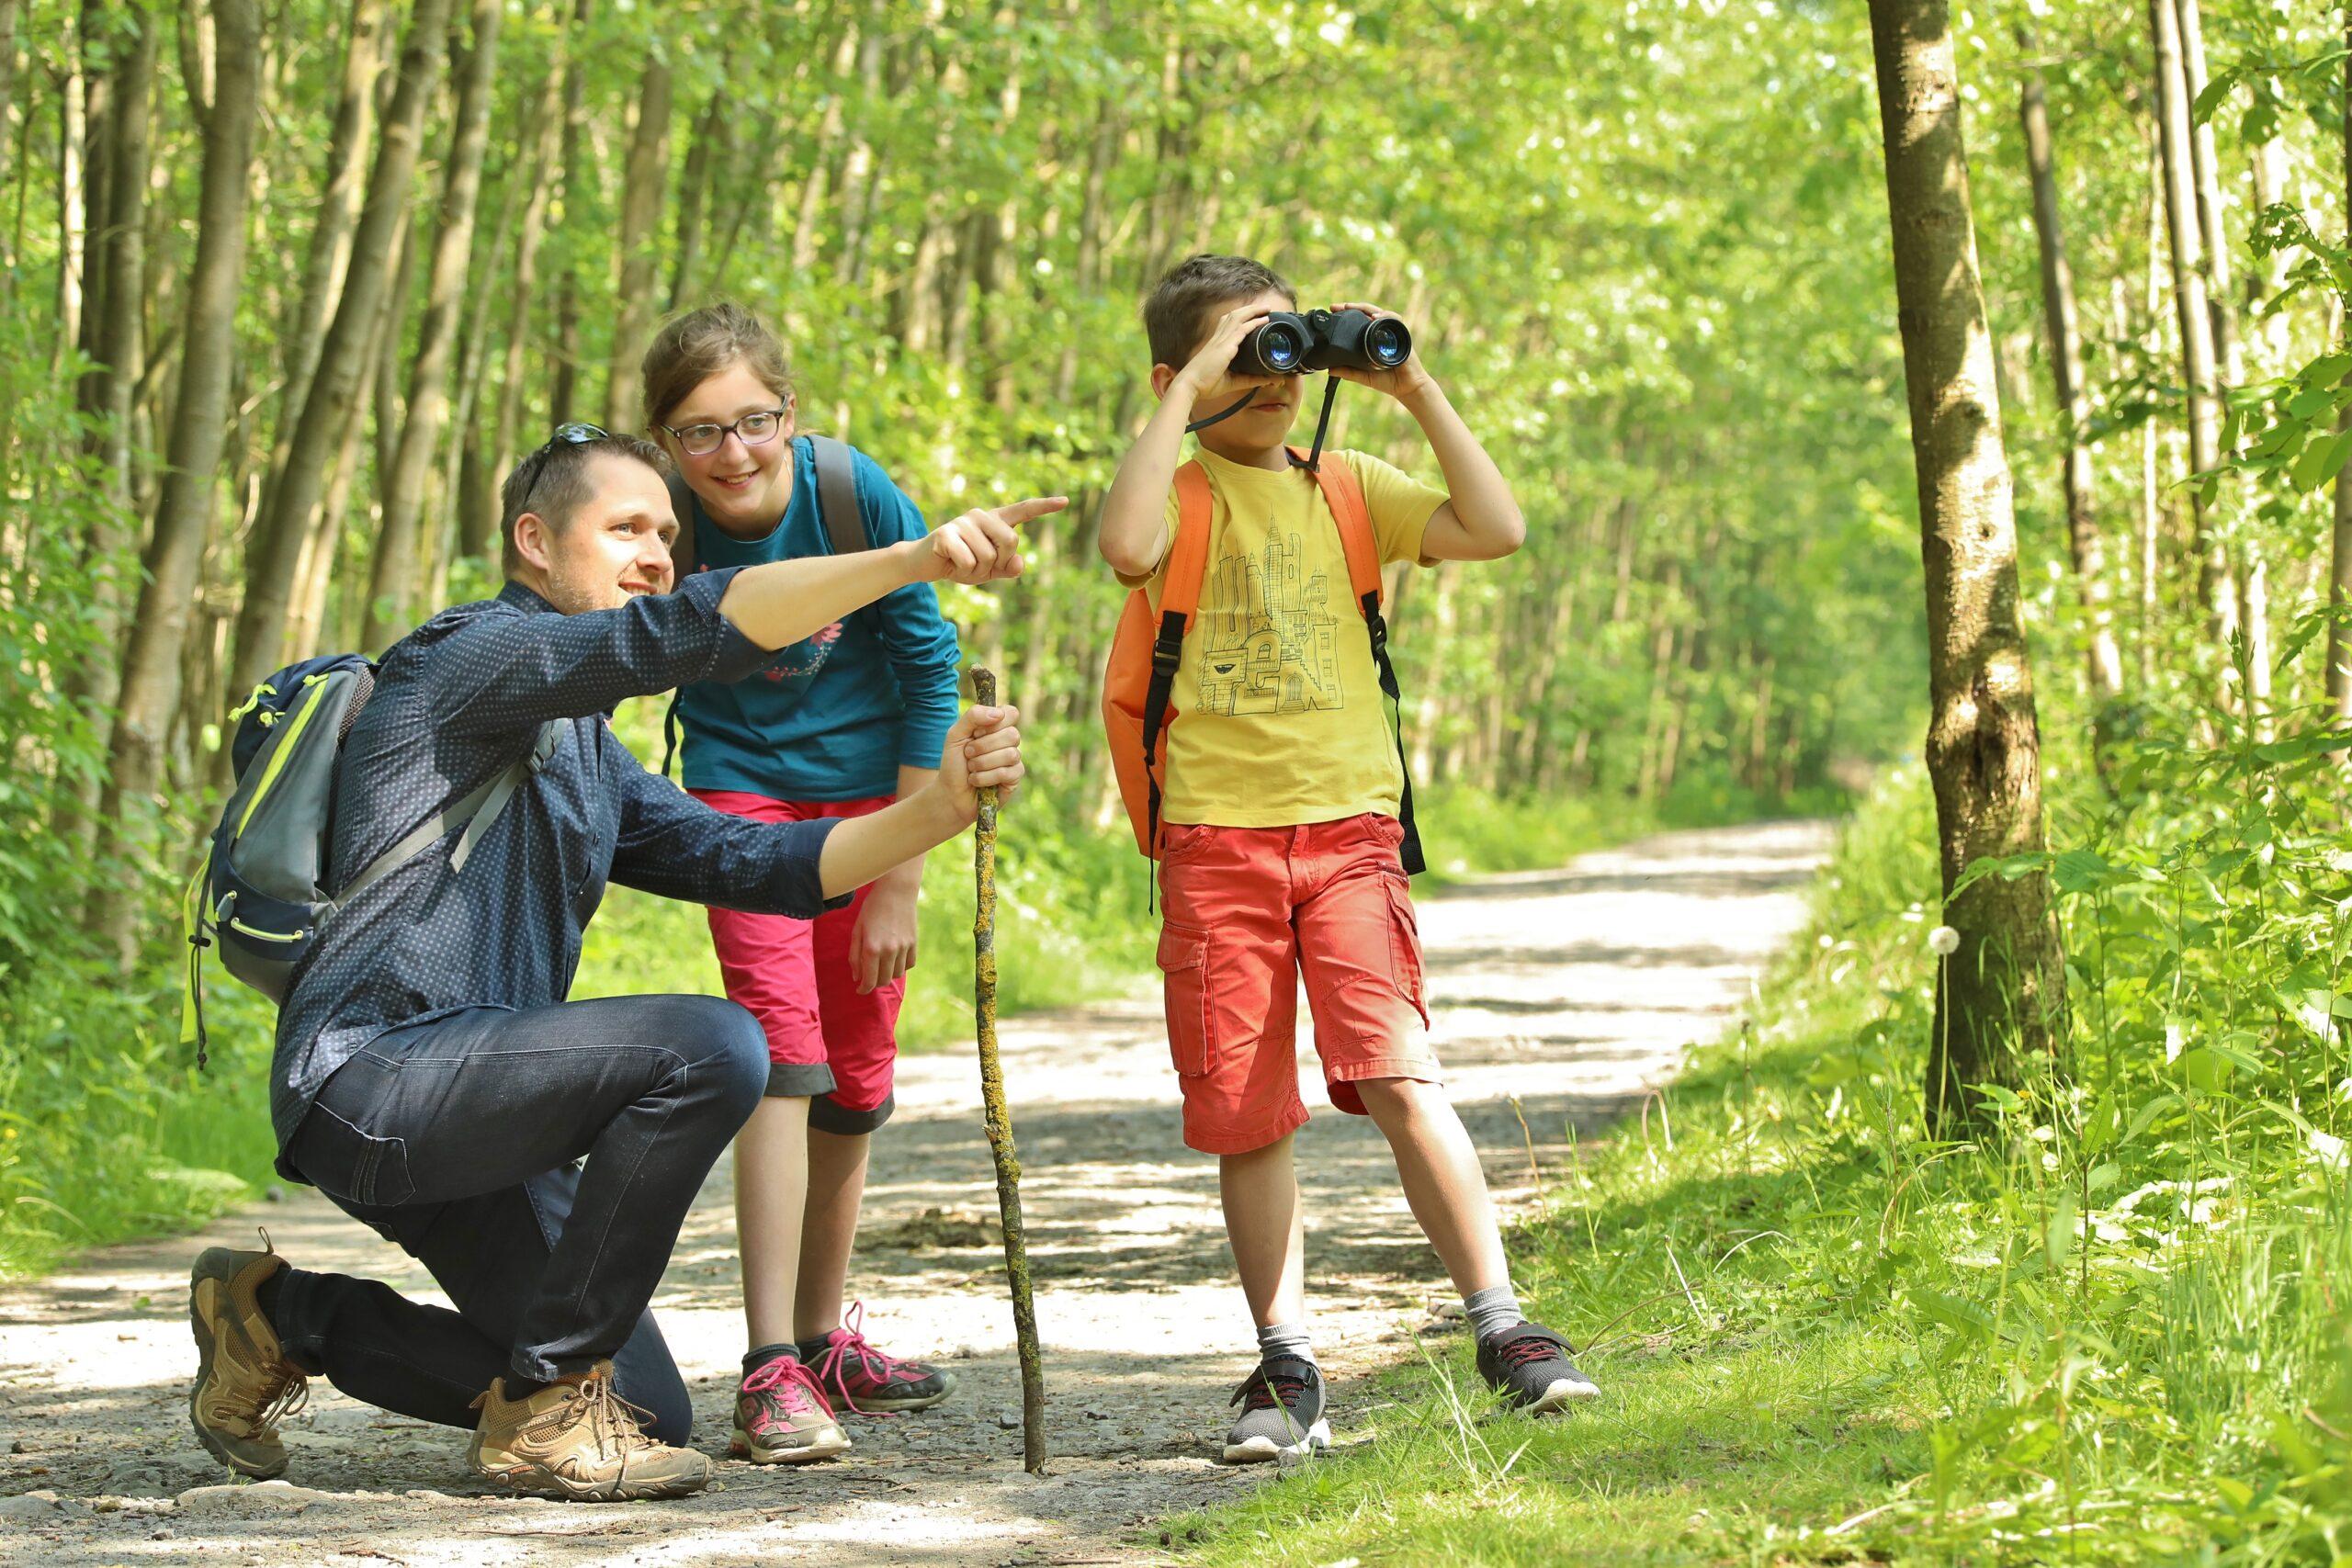 Promenade en famille au bois des 5 tailles à Thumeries. une belle idée de sortie pour cet été dans les Hauts-de-France